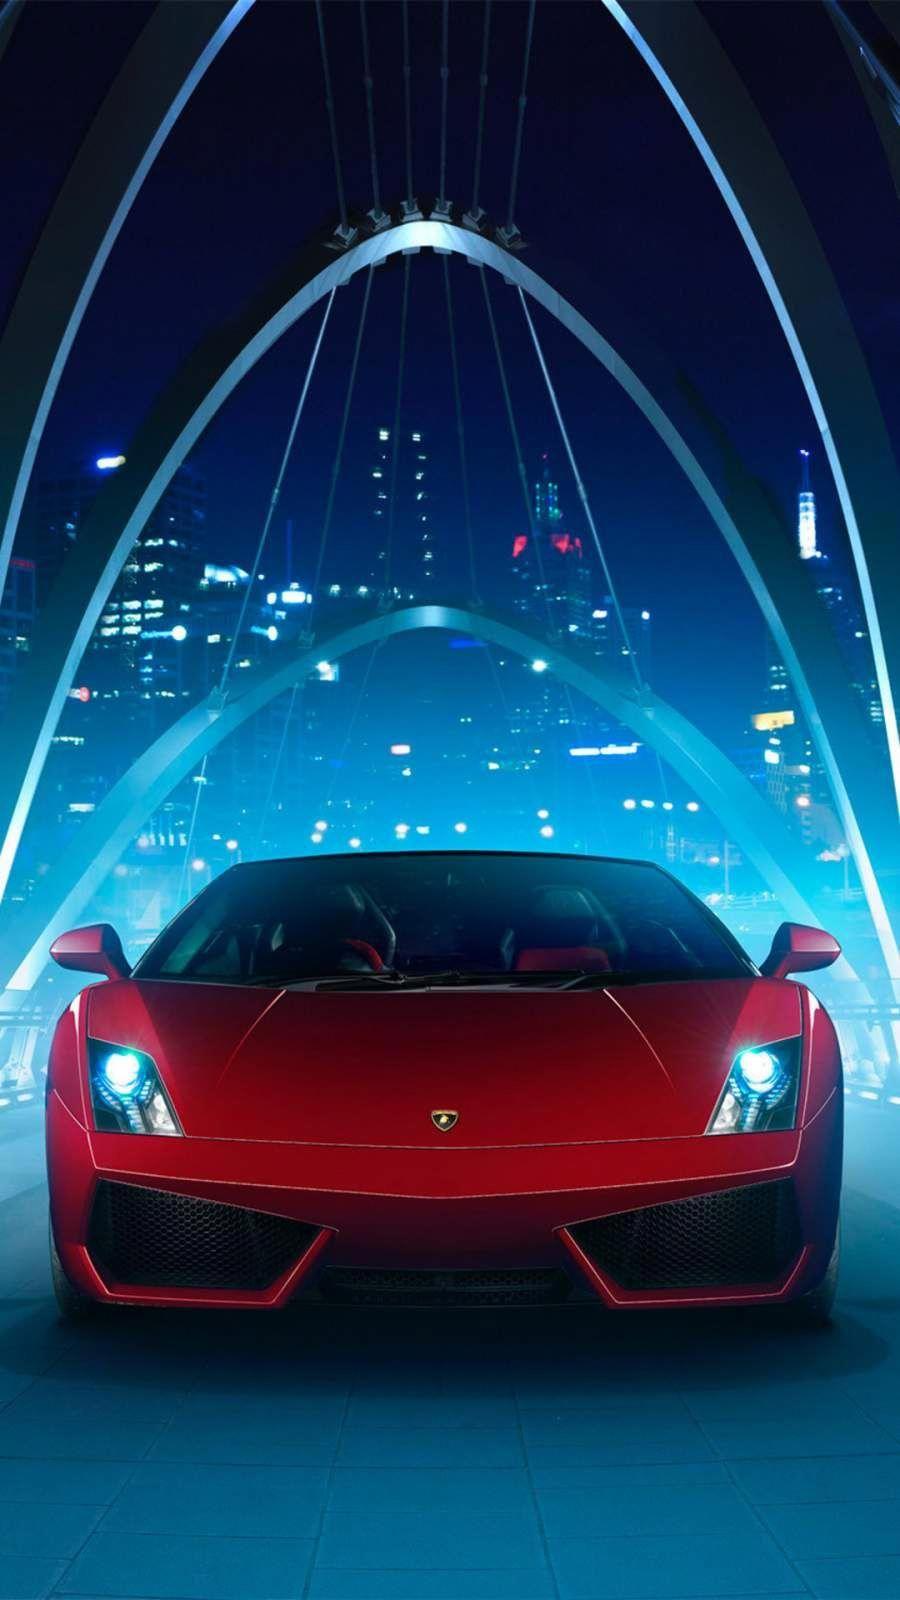 Lamborghini Gallardo Iphone Wallpaper Ferraripink Lamborghini Wallpaper Iphone Lamborghini Gallardo Car Iphone Wallpaper